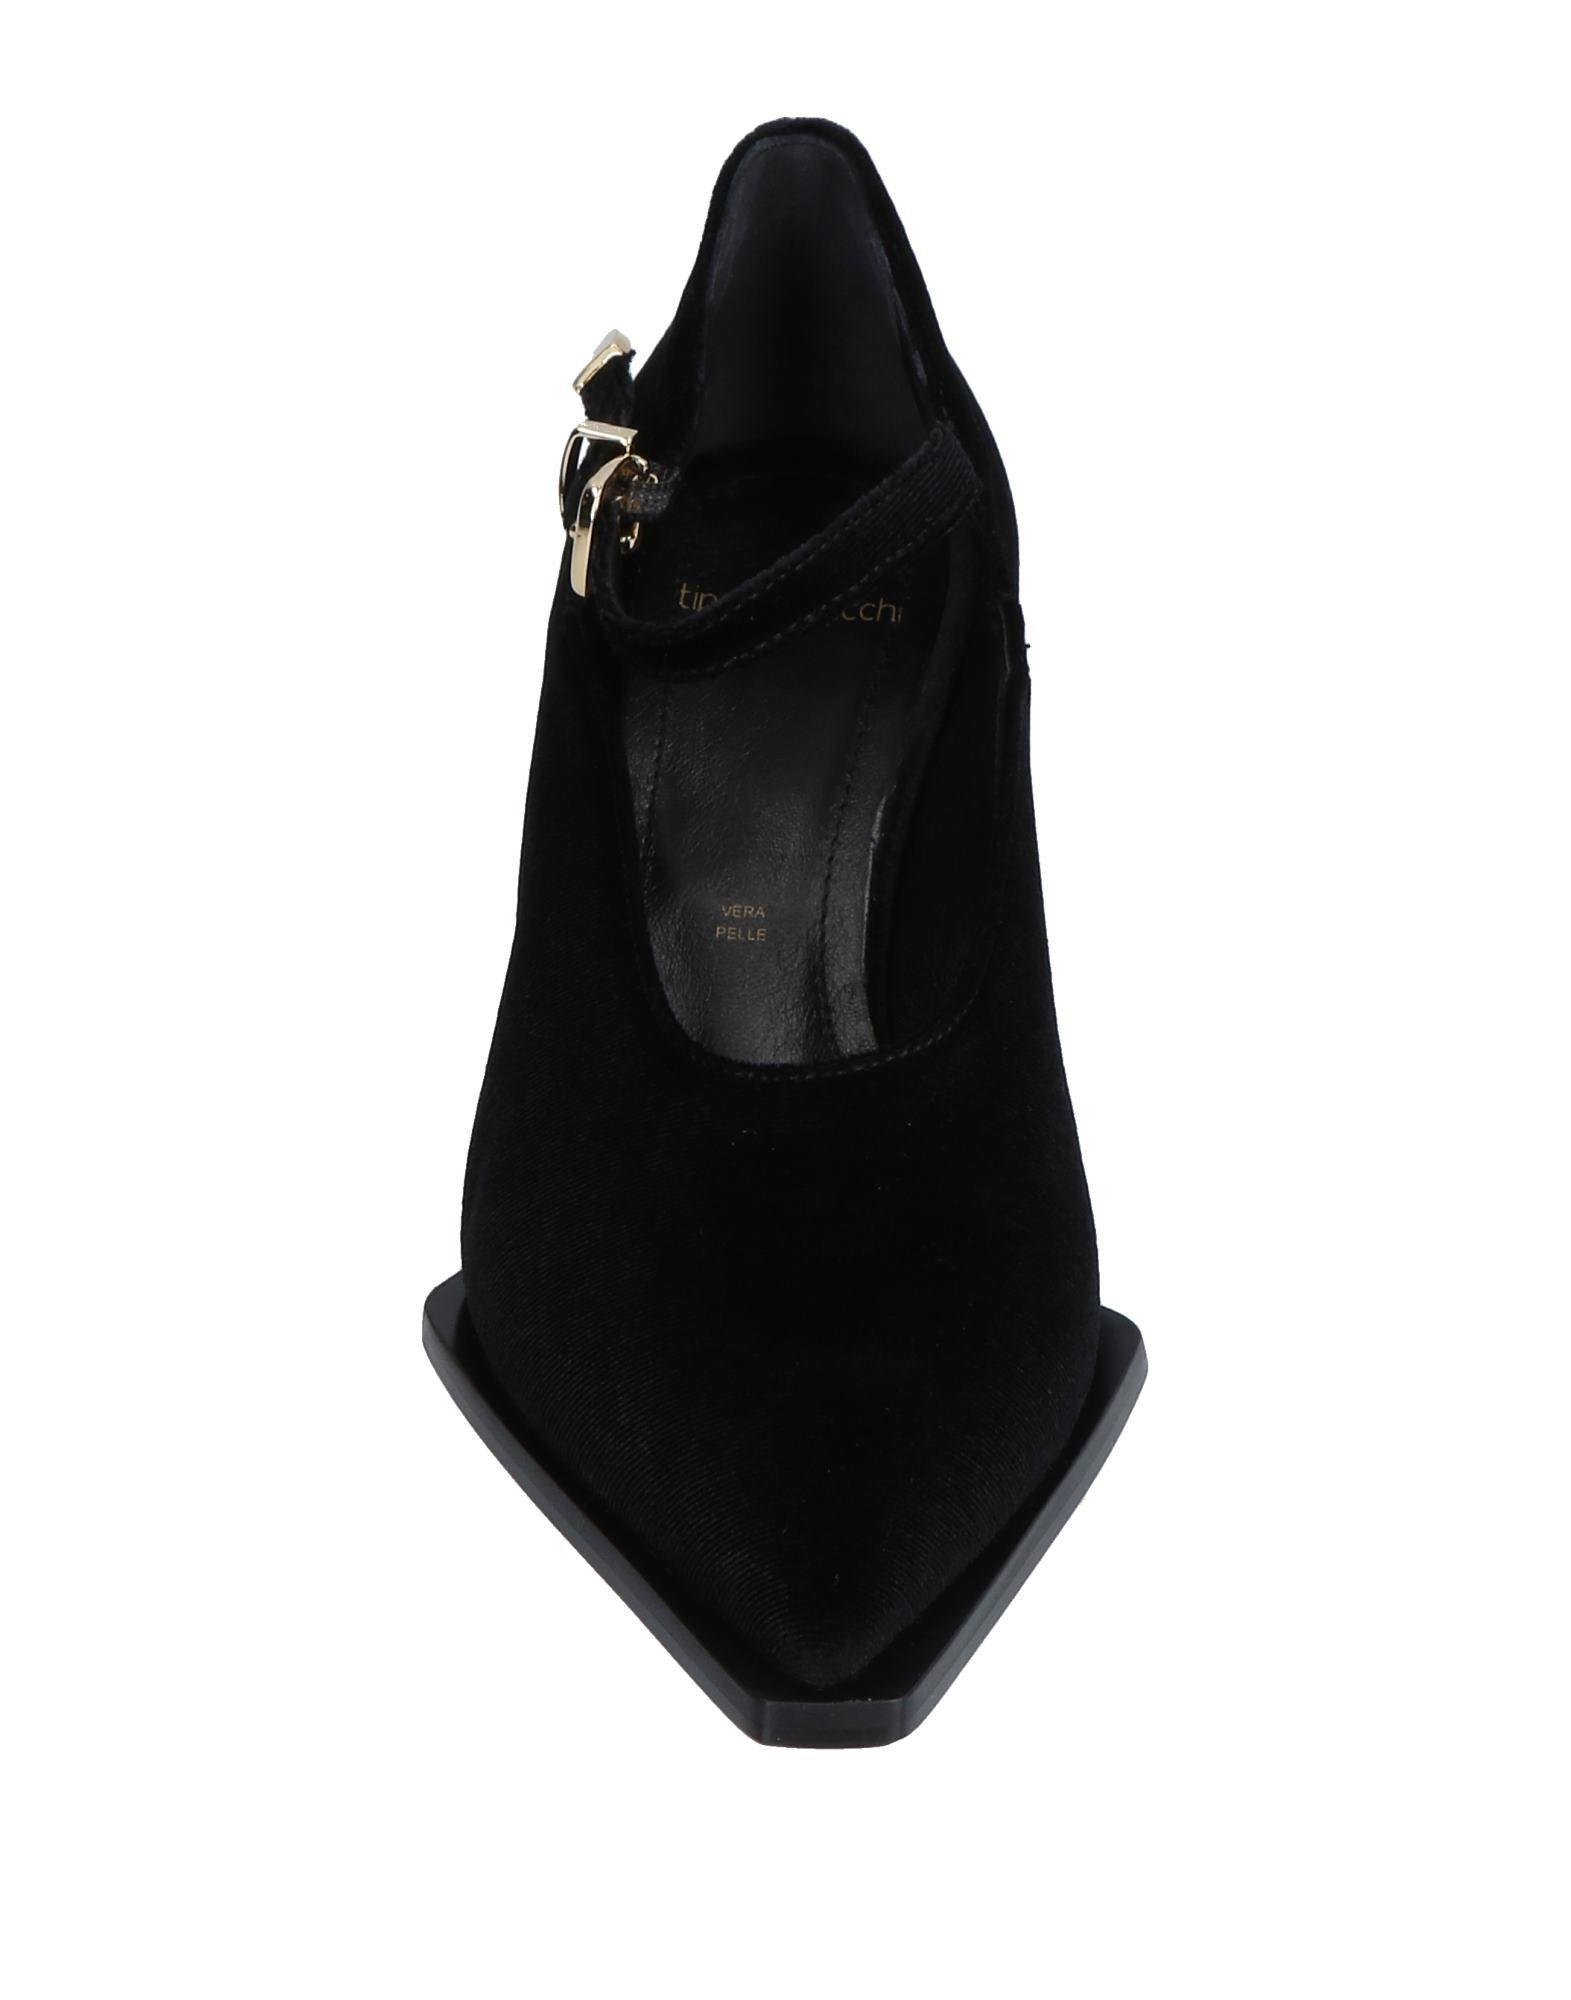 Tipe E Tacchi Pumps Damen  11448207RB Neue Schuhe Schuhe Neue 48787d